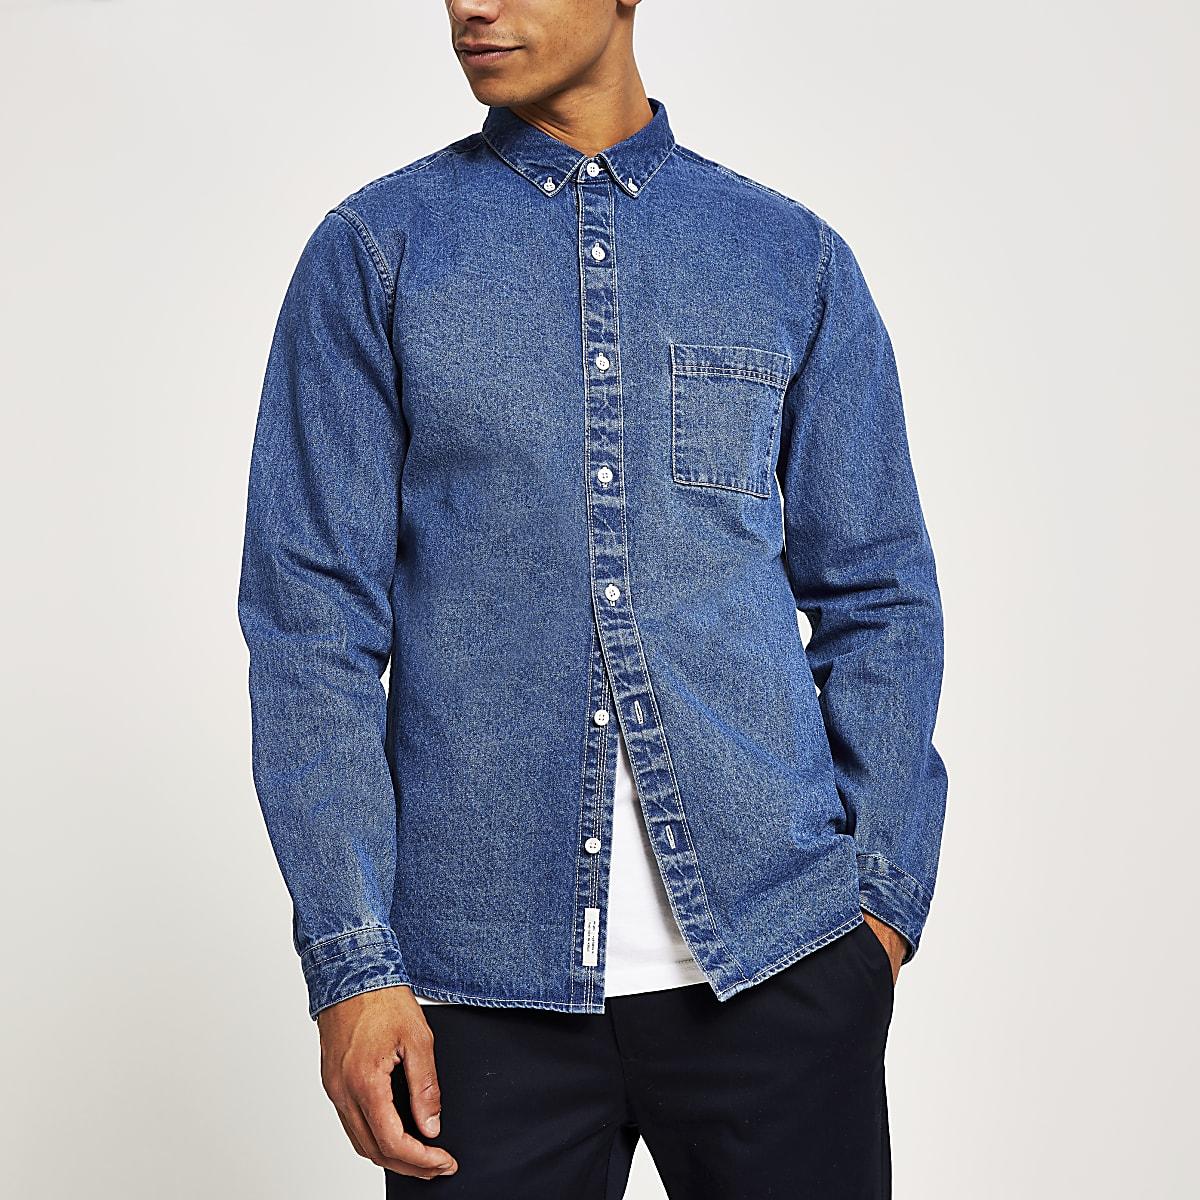 Chemise coupe classique en jean bleu et manches longues